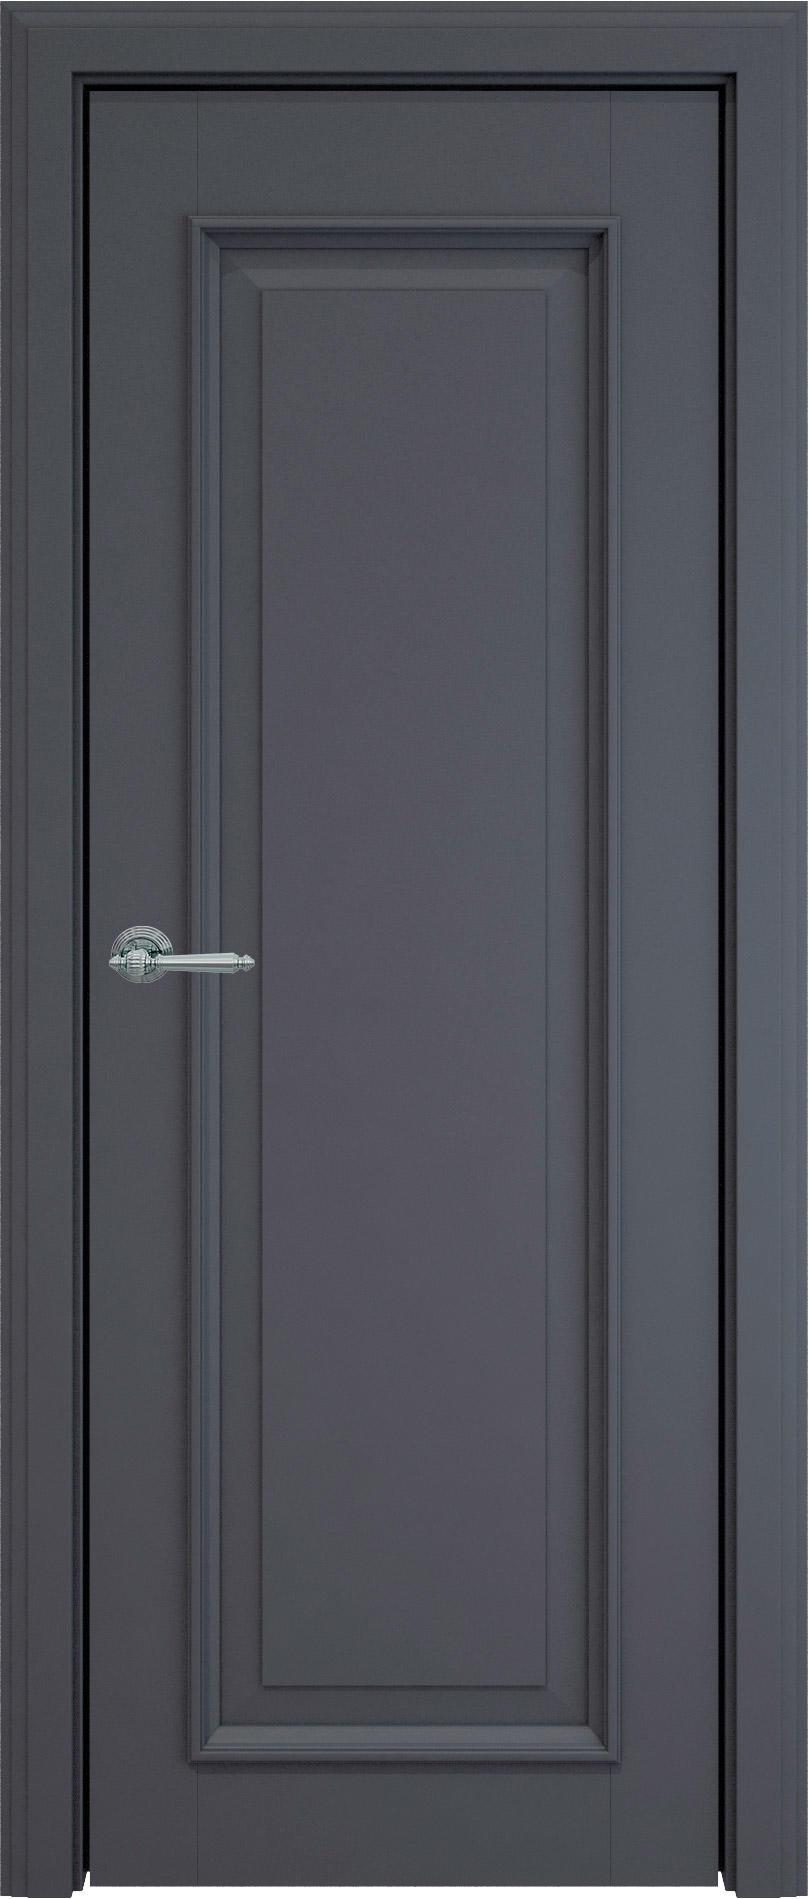 Domenica LUX цвет - Графитово-серая эмаль (RAL 7024) Без стекла (ДГ)